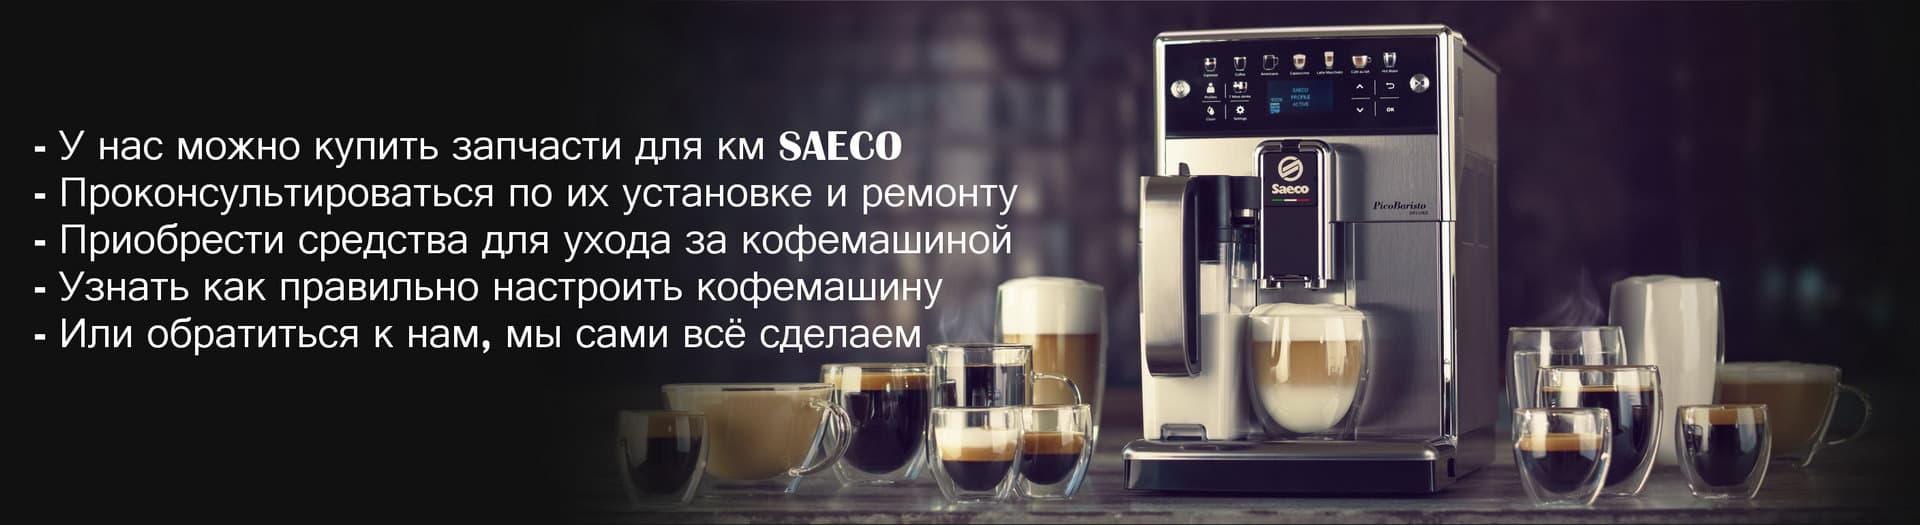 Ремонт автоматических кофемашин SAECO в мастерской Remkomplekt-SPB